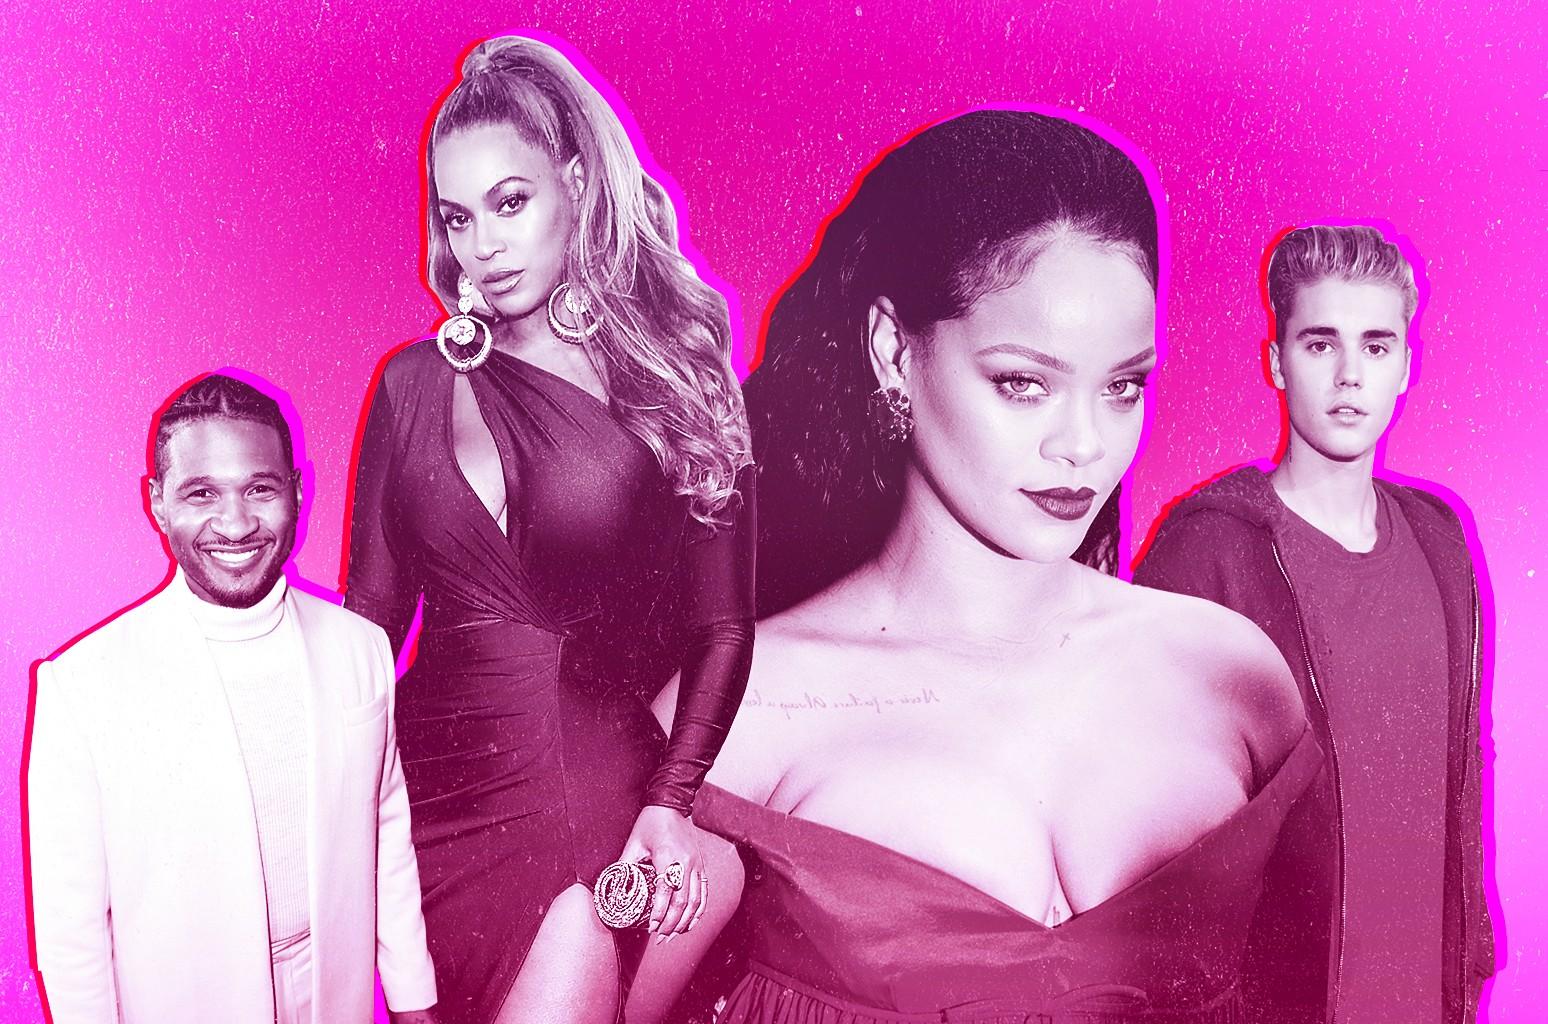 Usher, Beyoncé, Rihanna & Justin Bieber